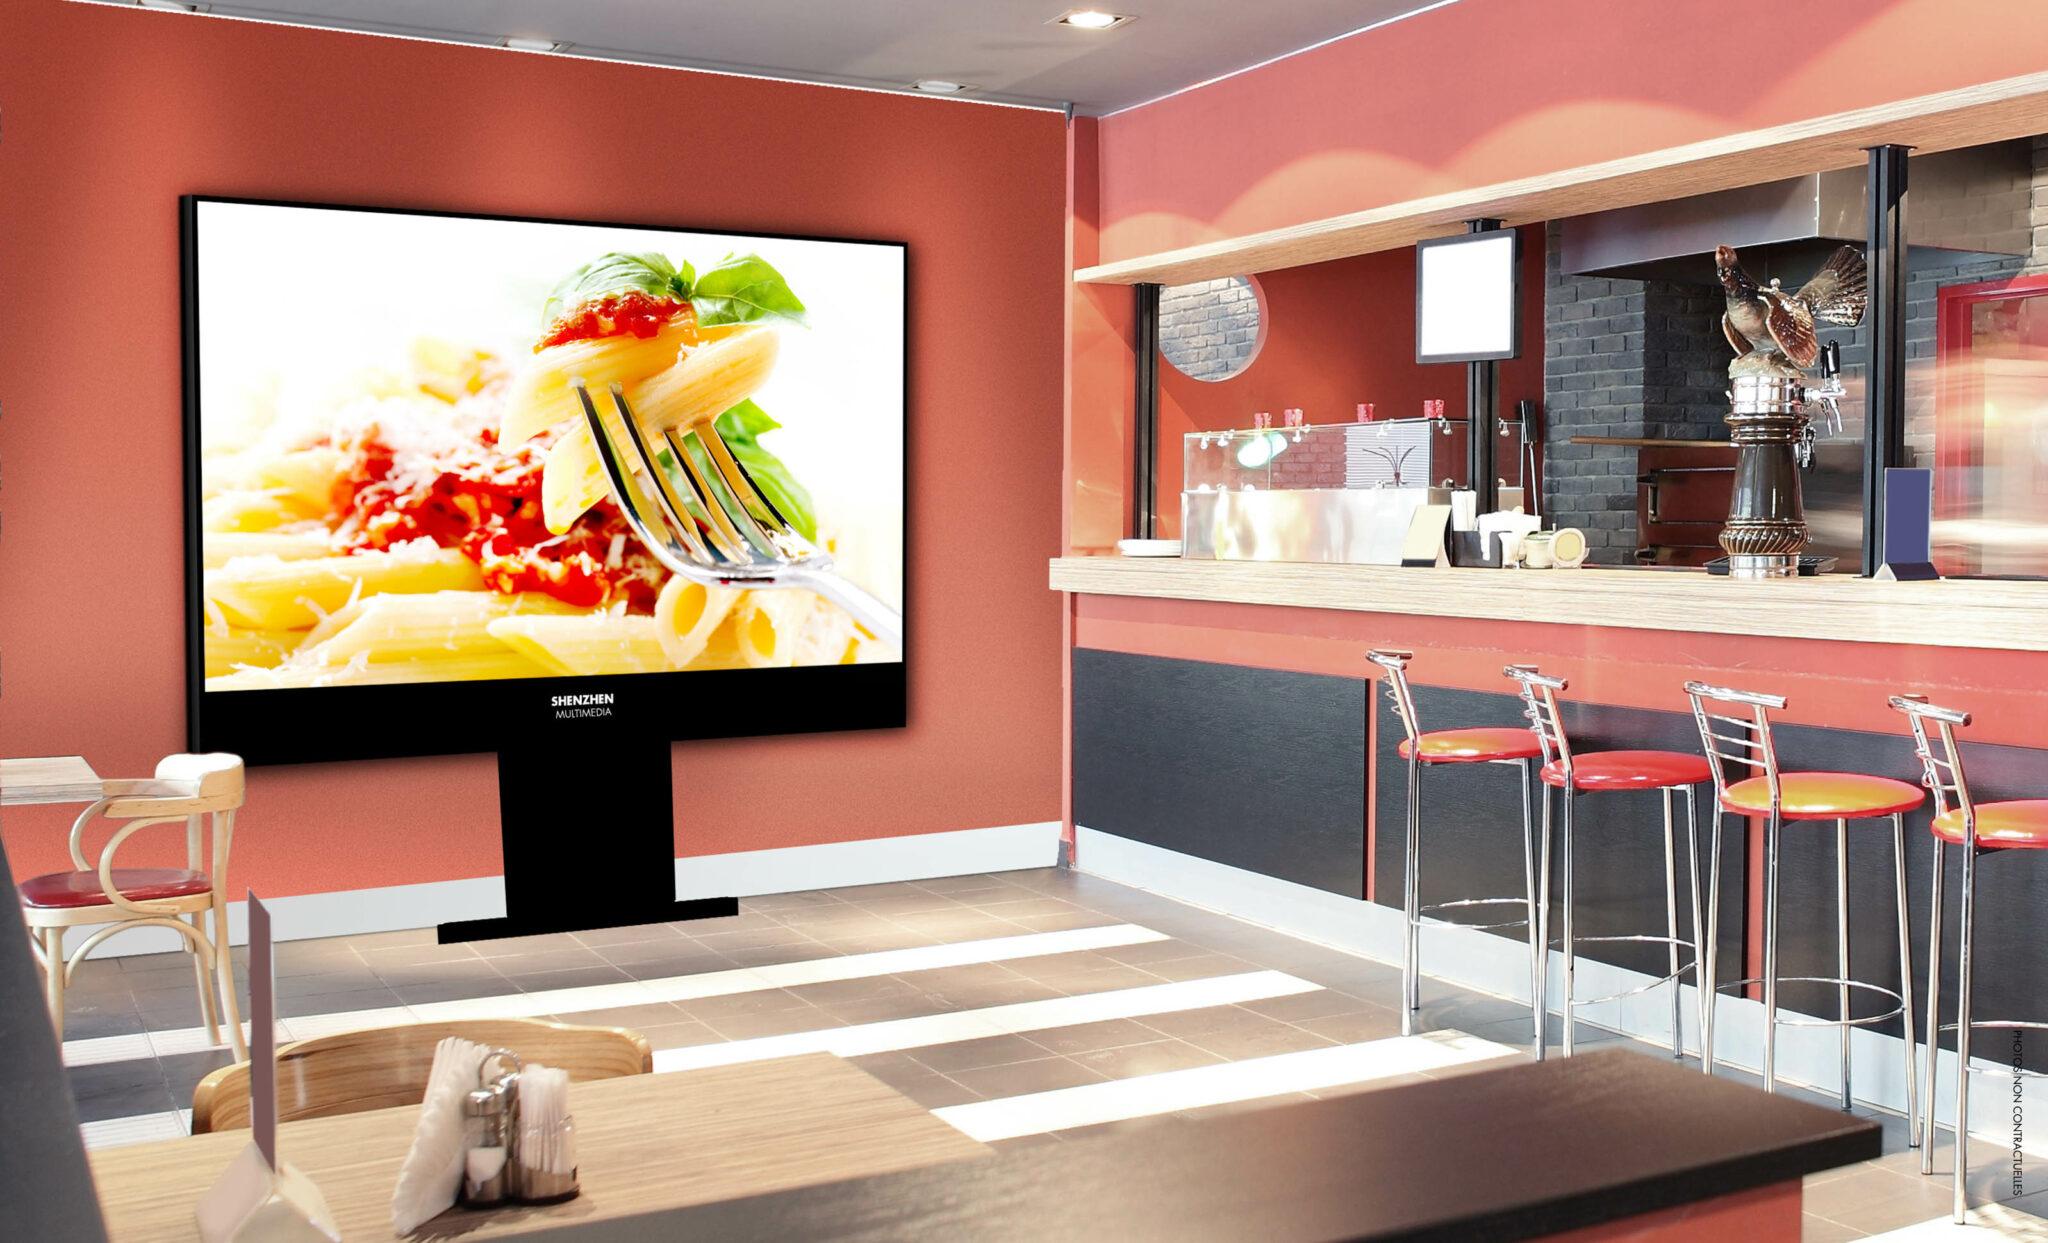 Cet afficheur LED professionnel est utile pour afficher des menus de restaurants ou pour diffuser des informations ou des vidéos dans les halls d'entrées, sièges sociaux et ou autres.